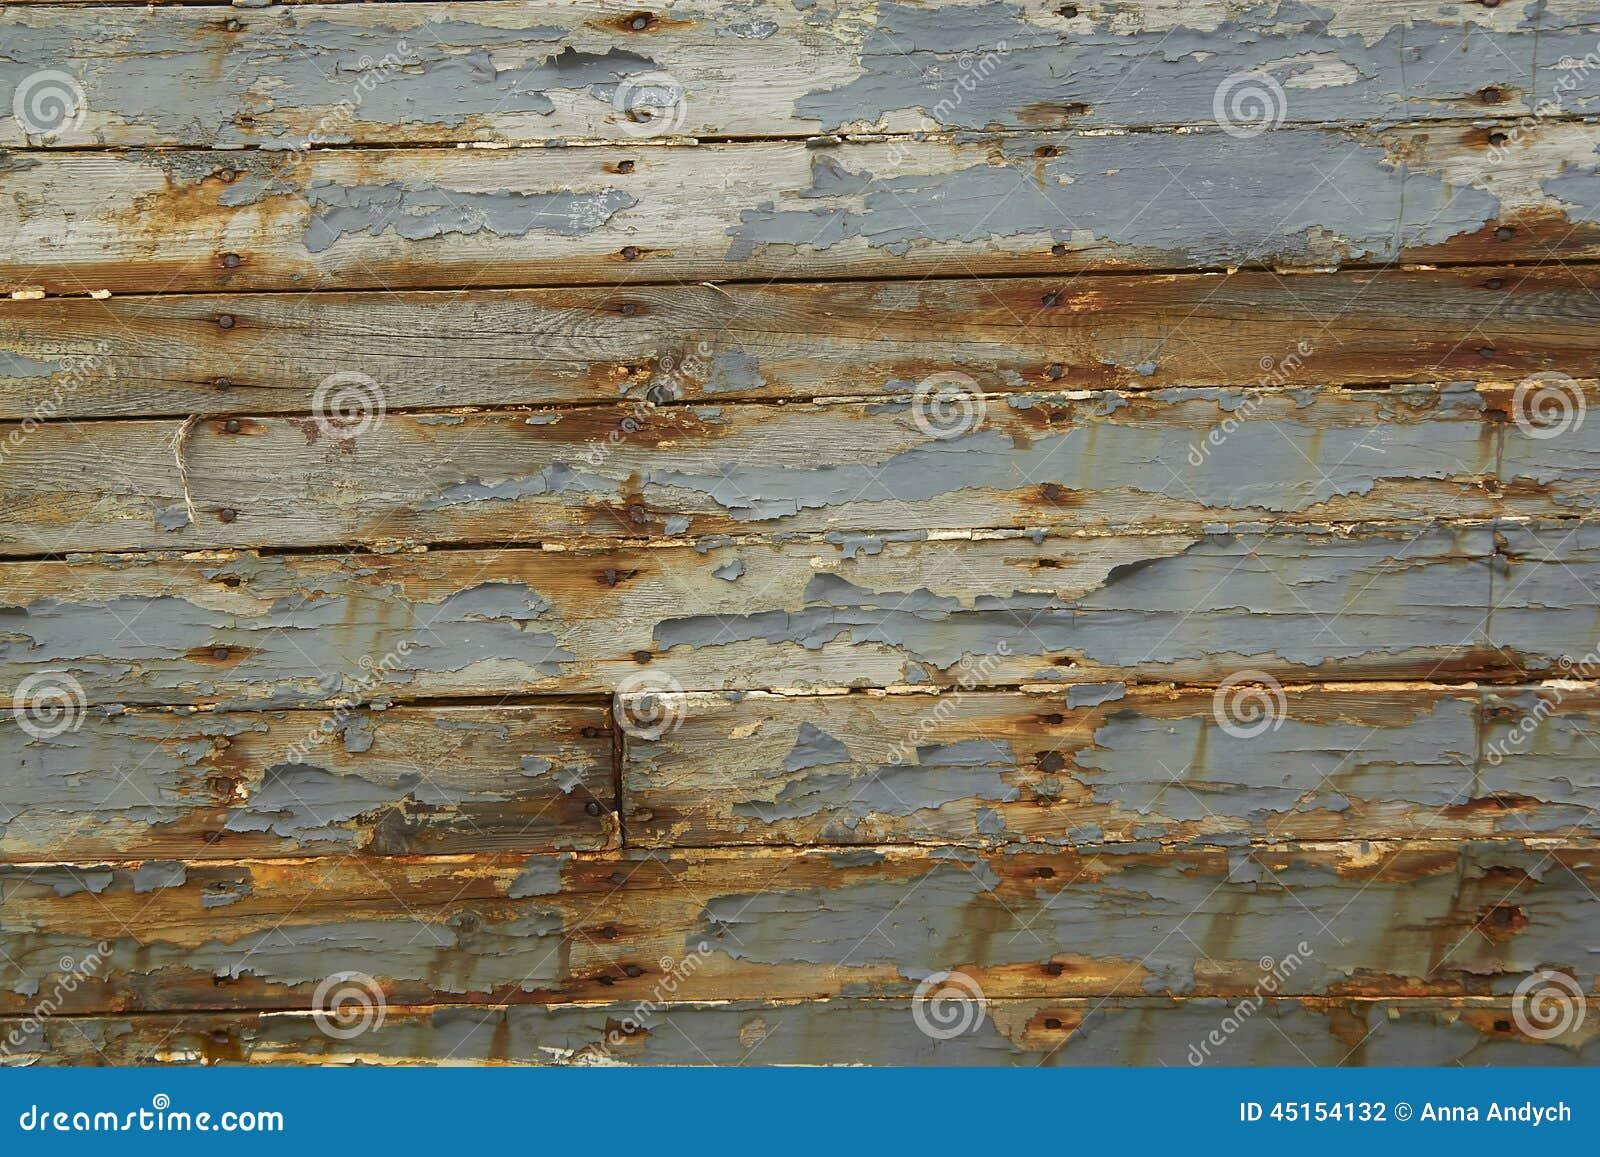 Vieille planche en bois du bateau photo stock image for Vieille planche de bois